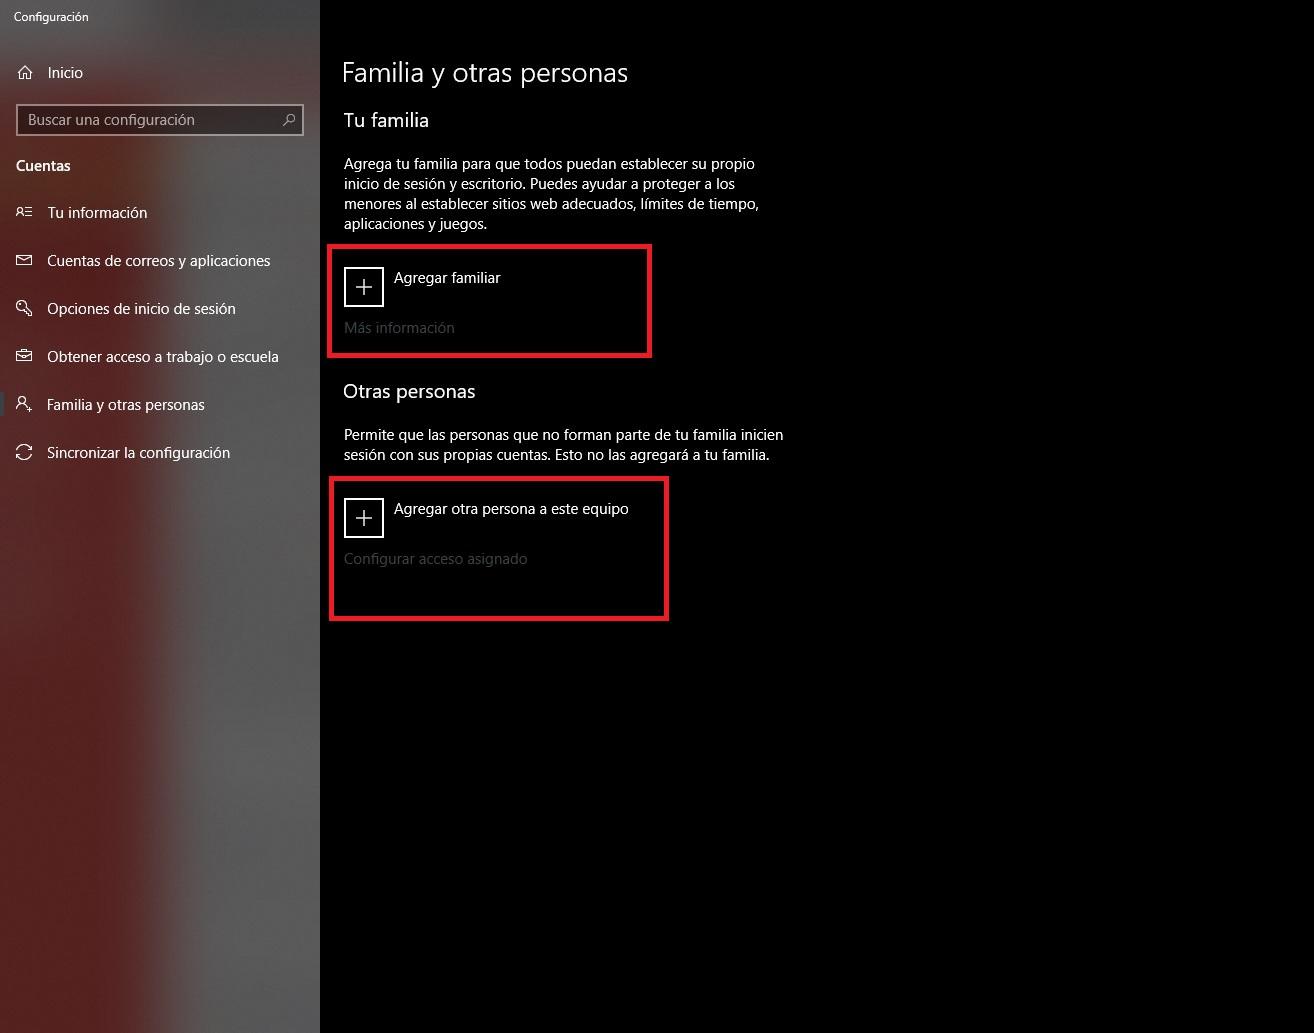 Cómo eliminar cuentas de usuario en Windows 10 de forma rápida y segura 34